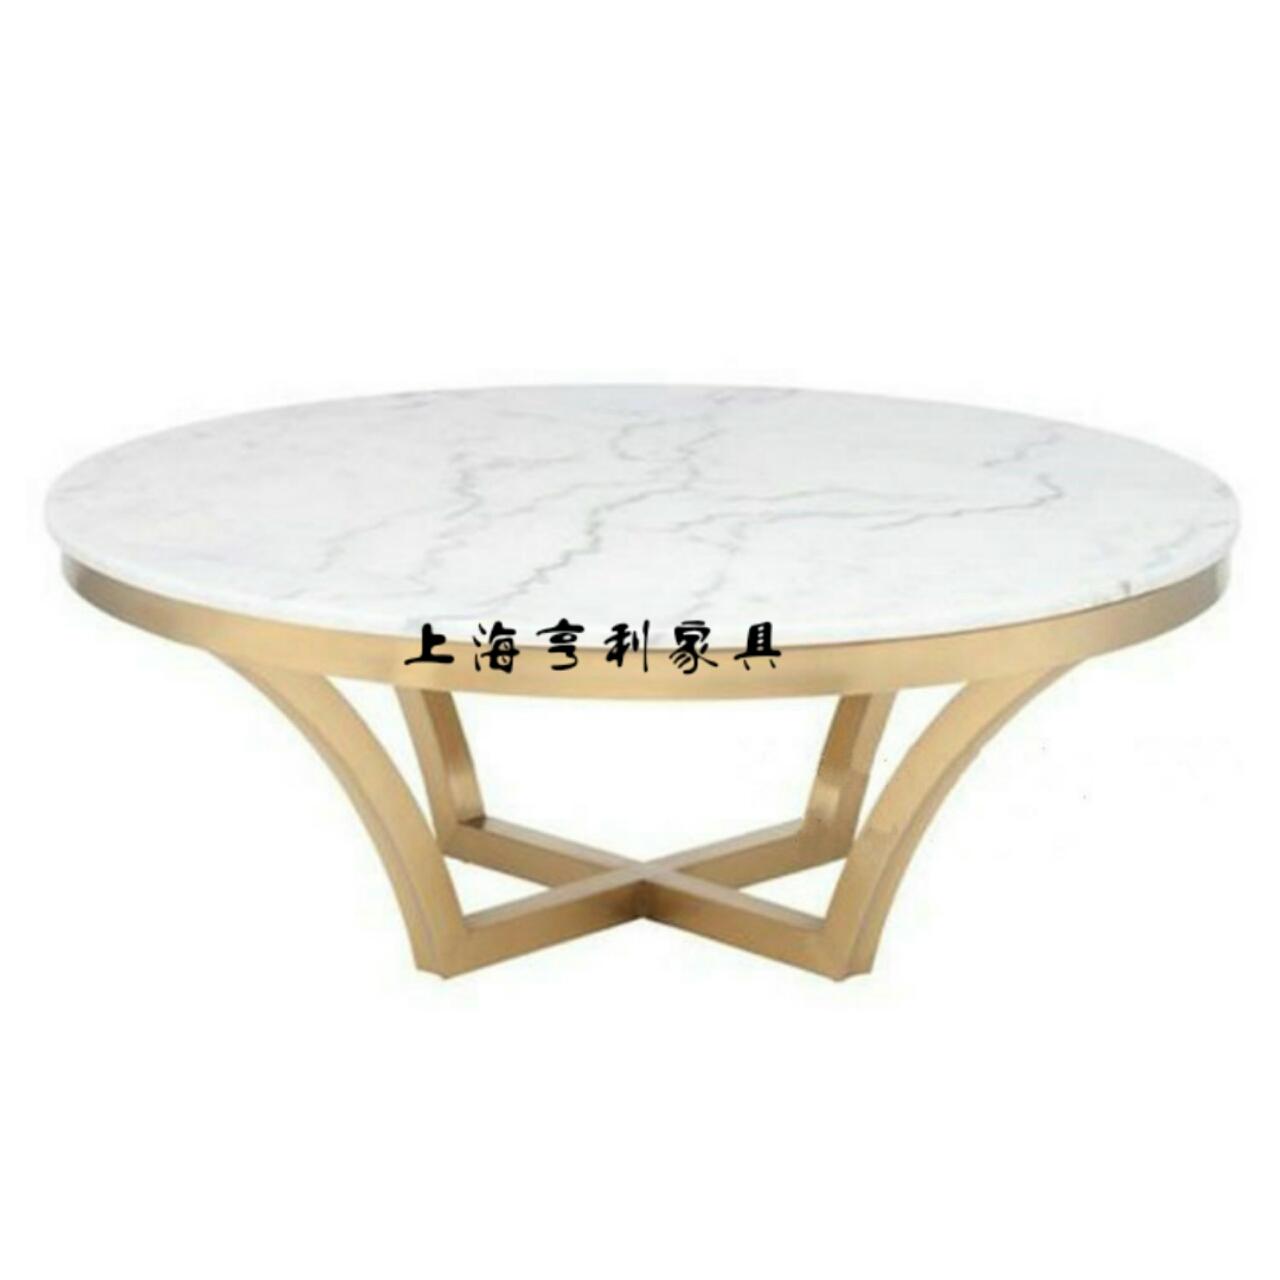 圓沙發咖啡桌